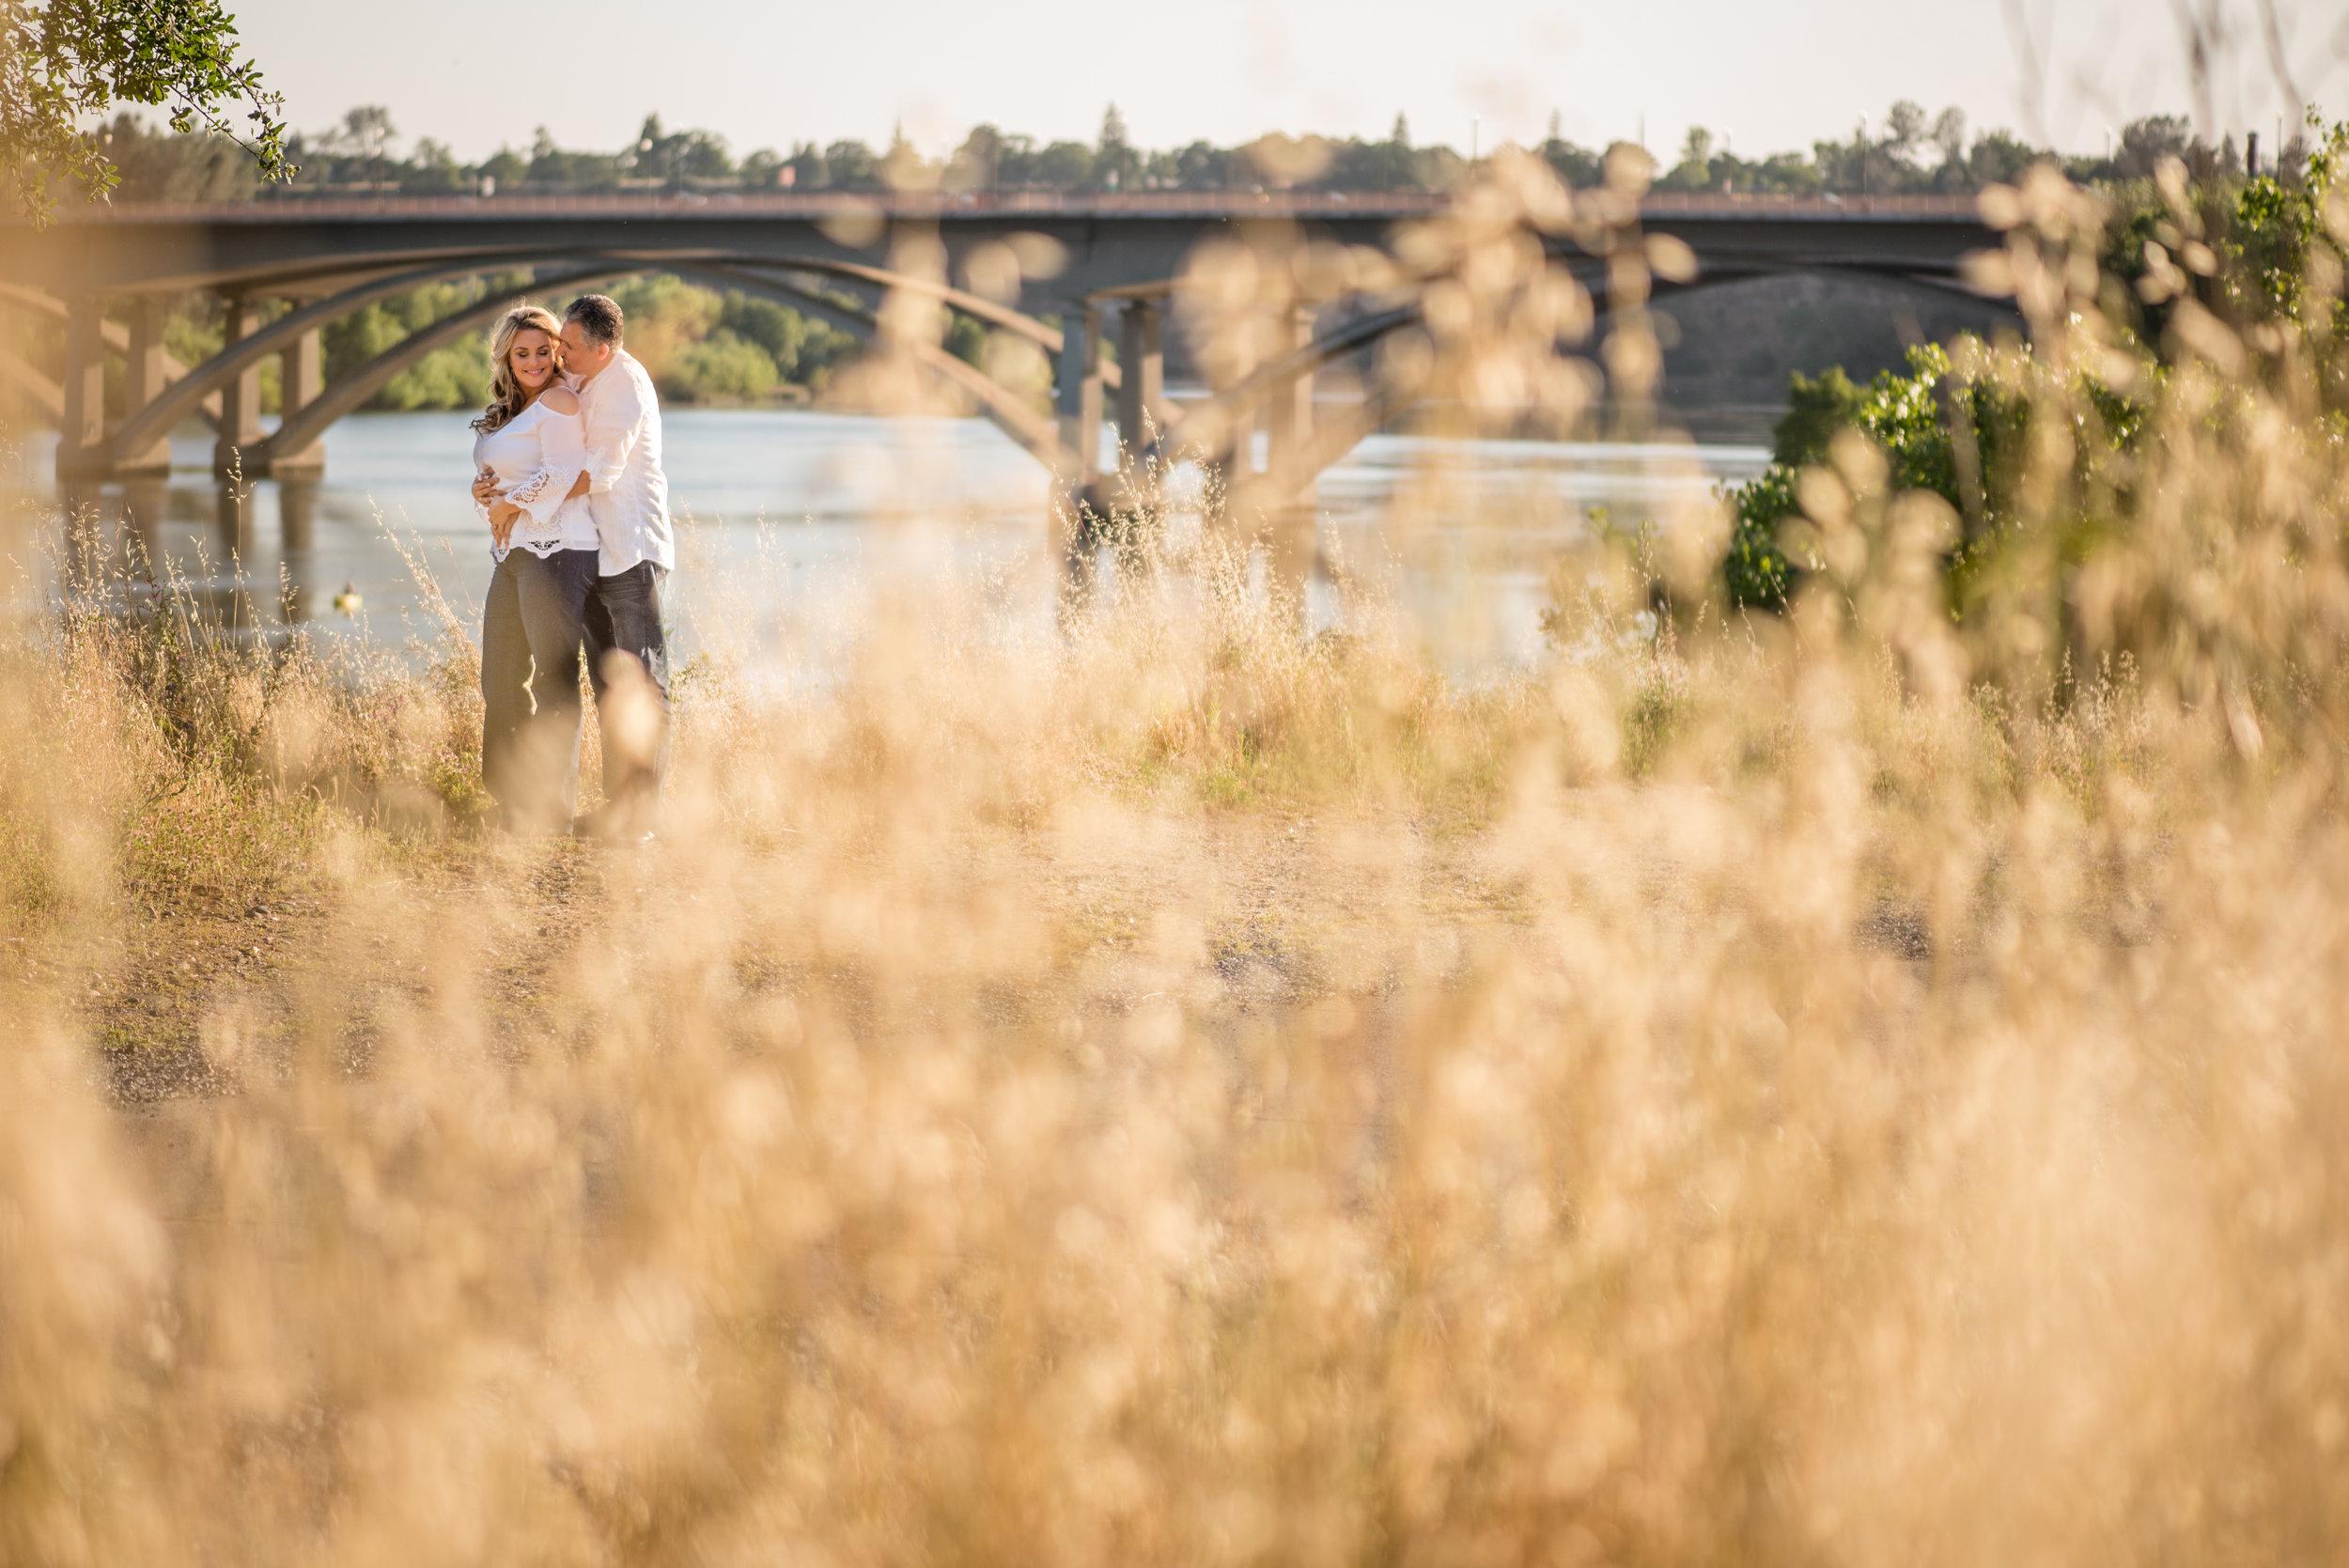 kara-craig-033-folsom-engagement-wedding-photographer-katherine-nicole-photography.JPG